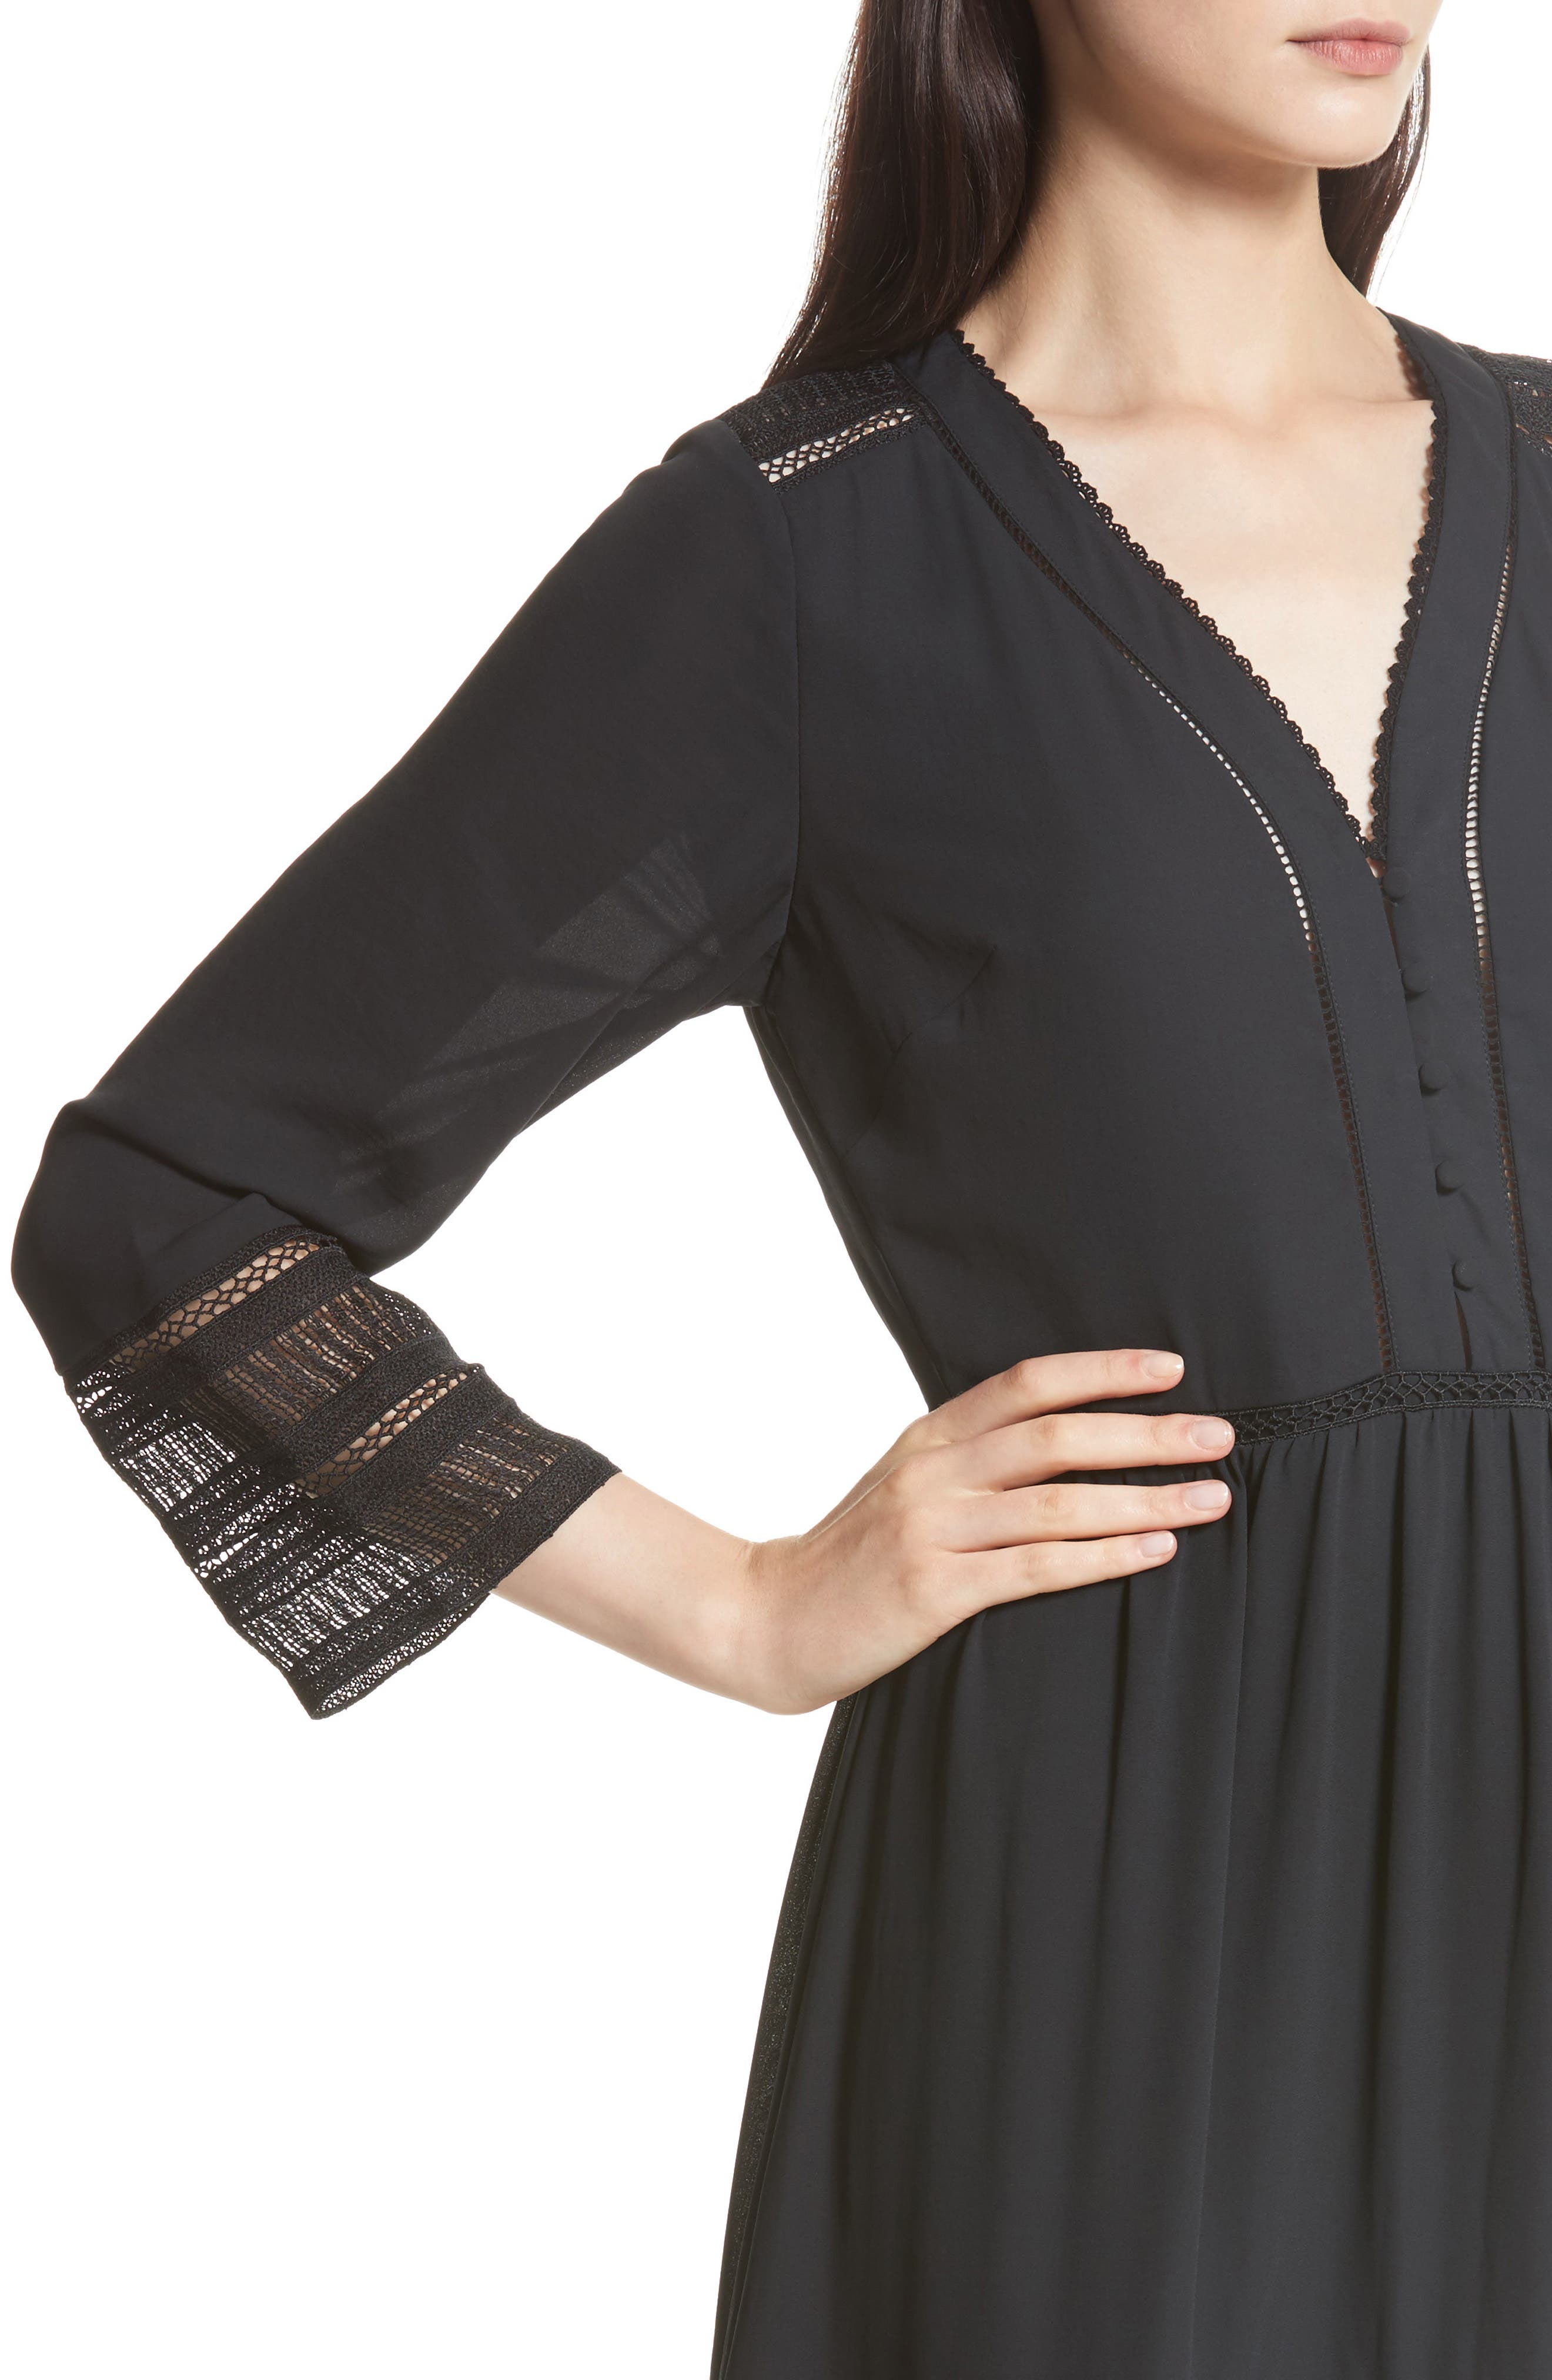 Daphne A-Line Dress,                             Alternate thumbnail 4, color,                             Black